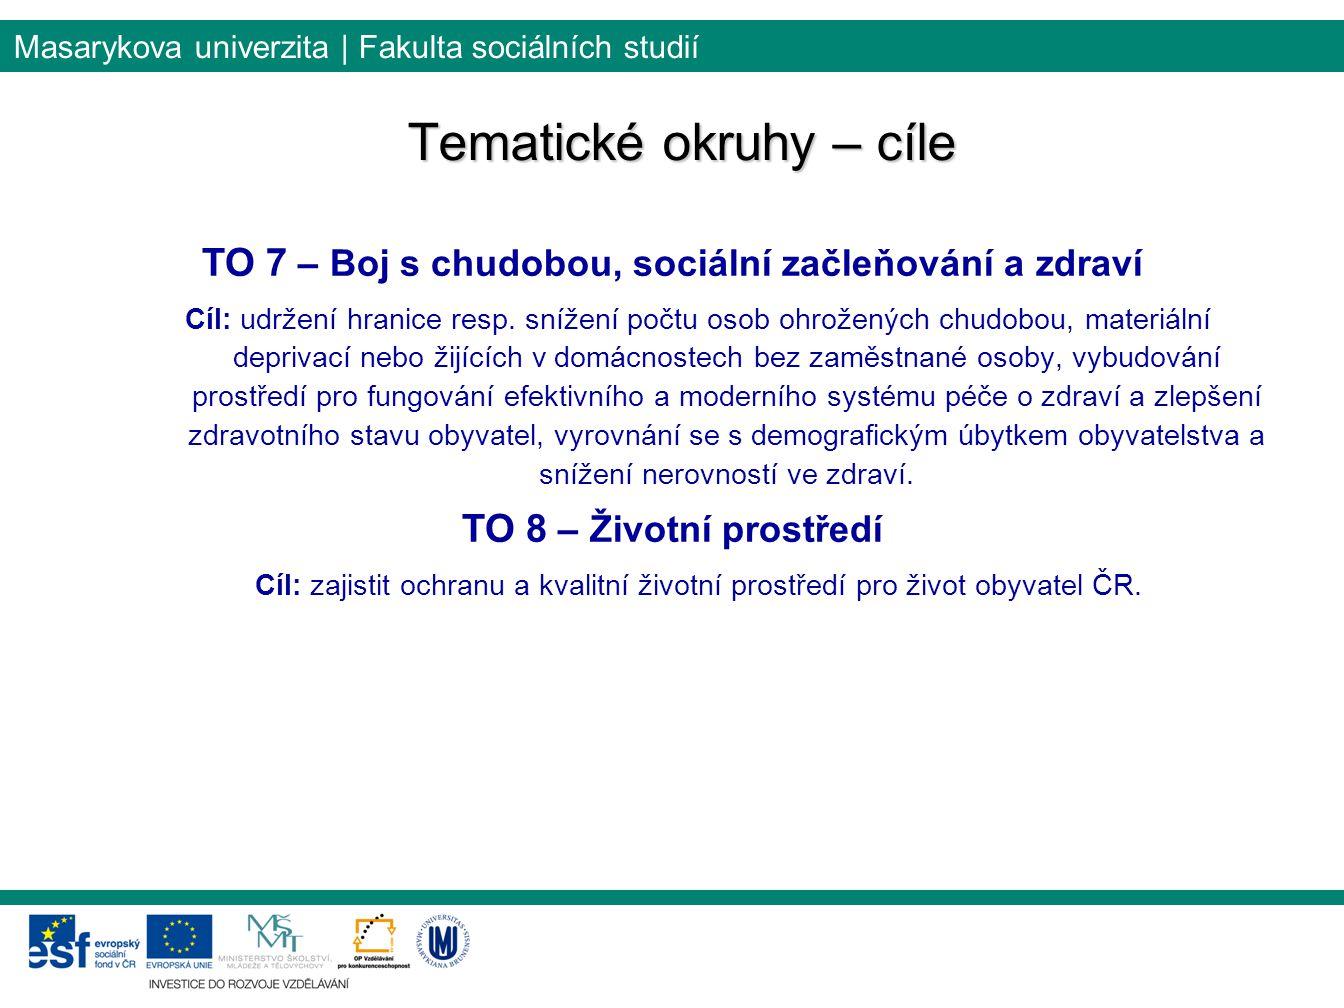 Masarykova univerzita | Fakulta sociálních studií Tematické okruhy – cíle TO 7 – Boj s chudobou, sociální začleňování a zdraví Cíl: udržení hranice resp.